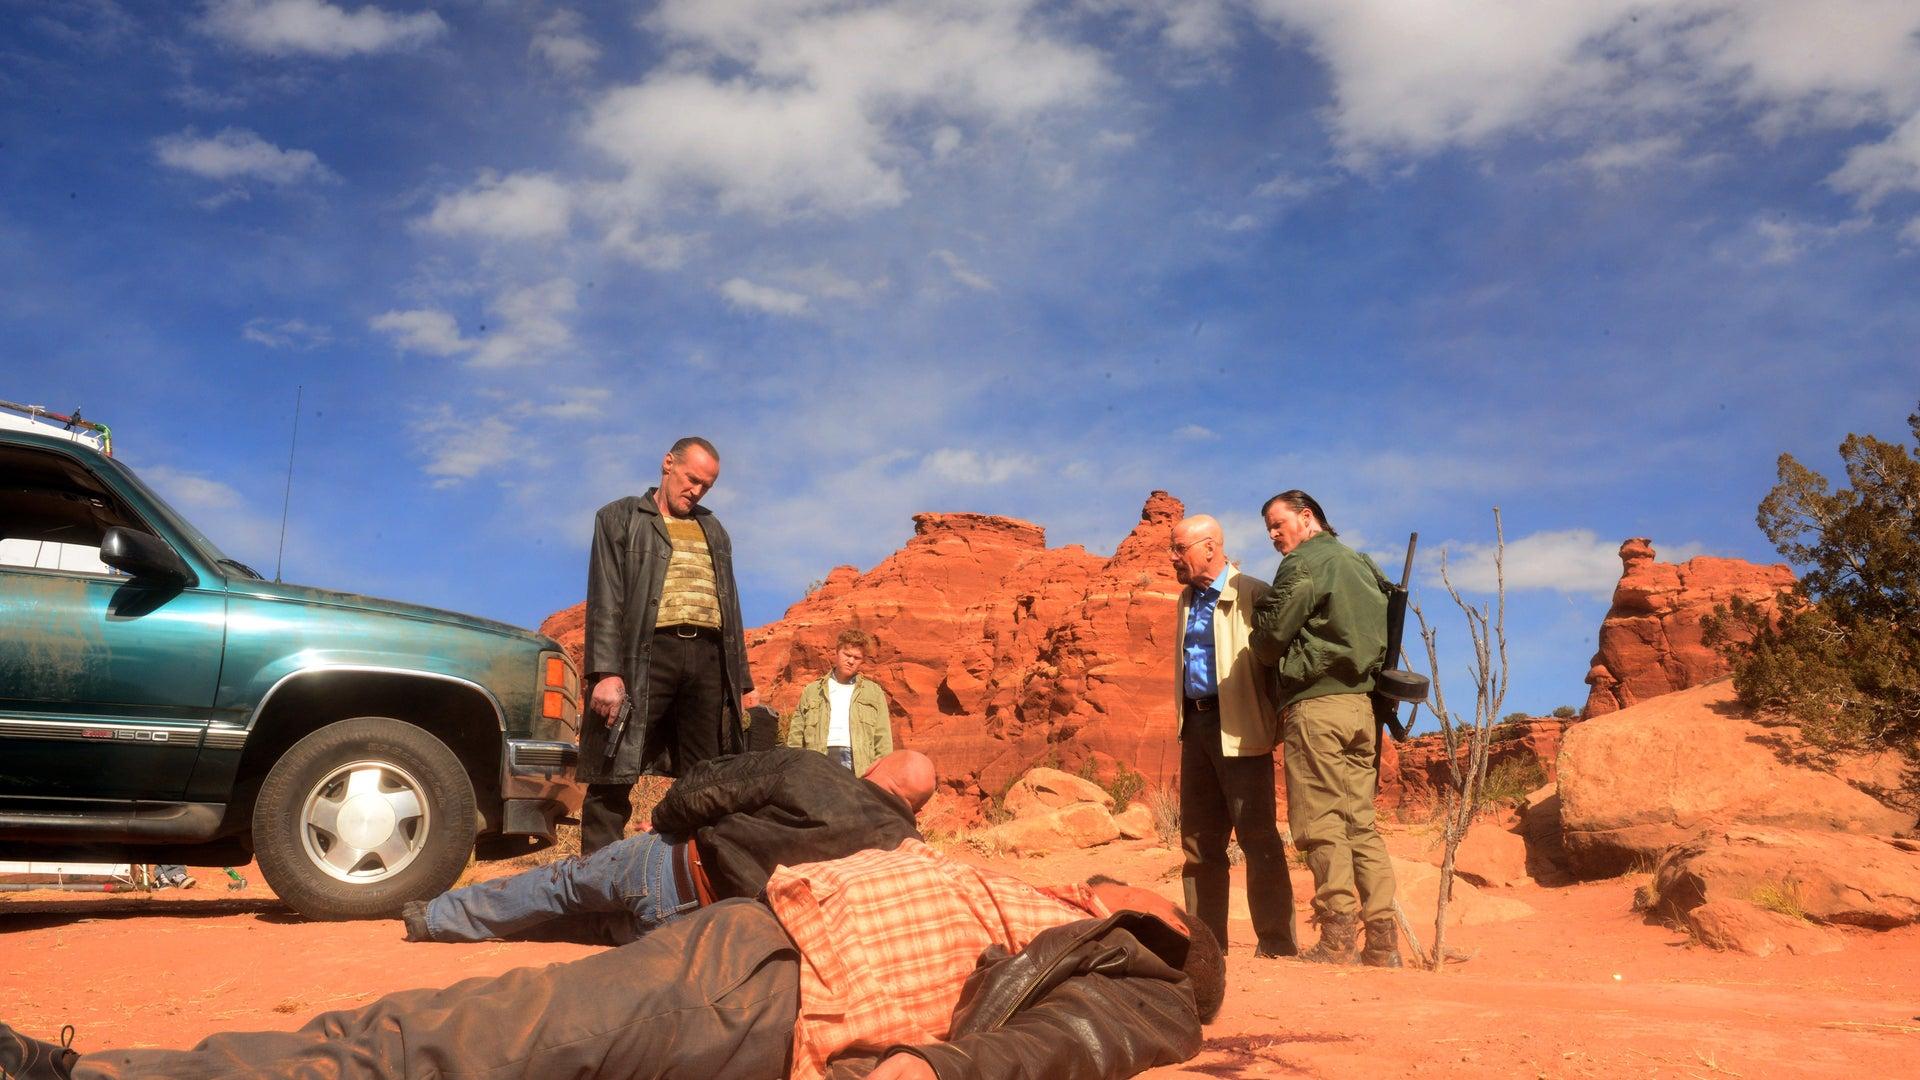 Michael Bowen, Jesse Plemons, Dean Norris, Steven Michael Quezada, and Bryan Cranston, Breaking Bad